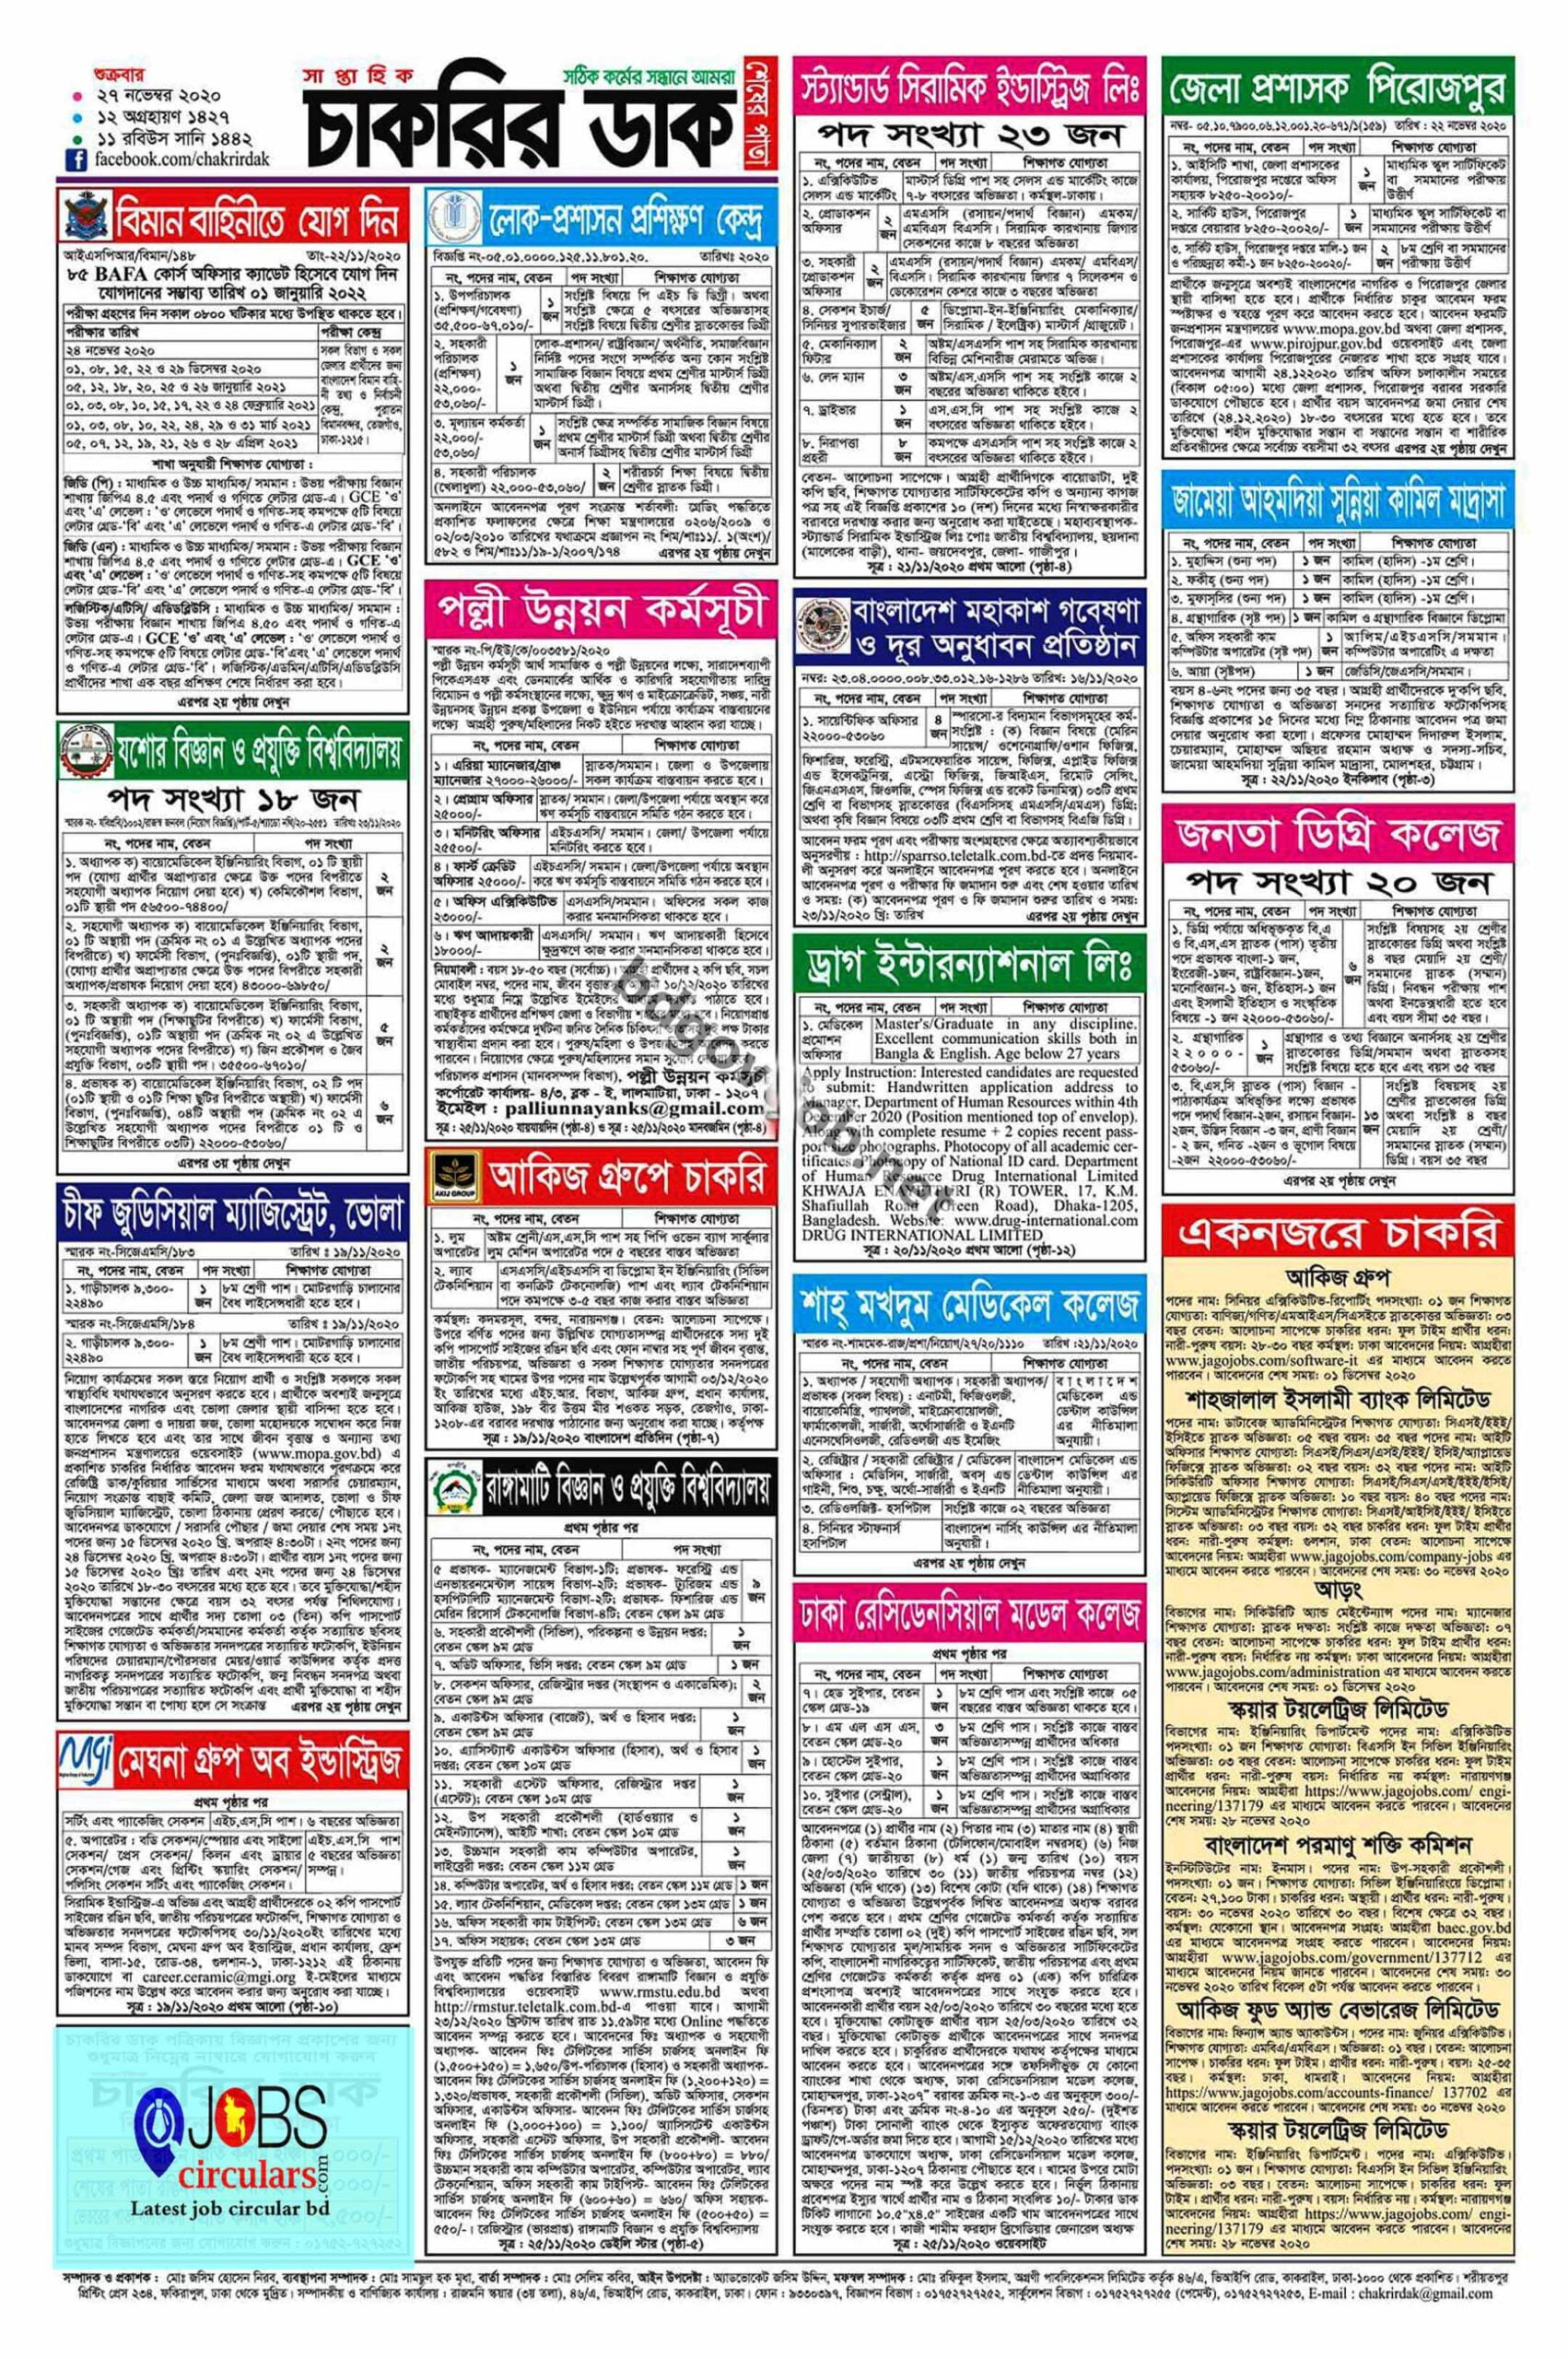 Chakrir Dak Jobs Newspaper 4 page